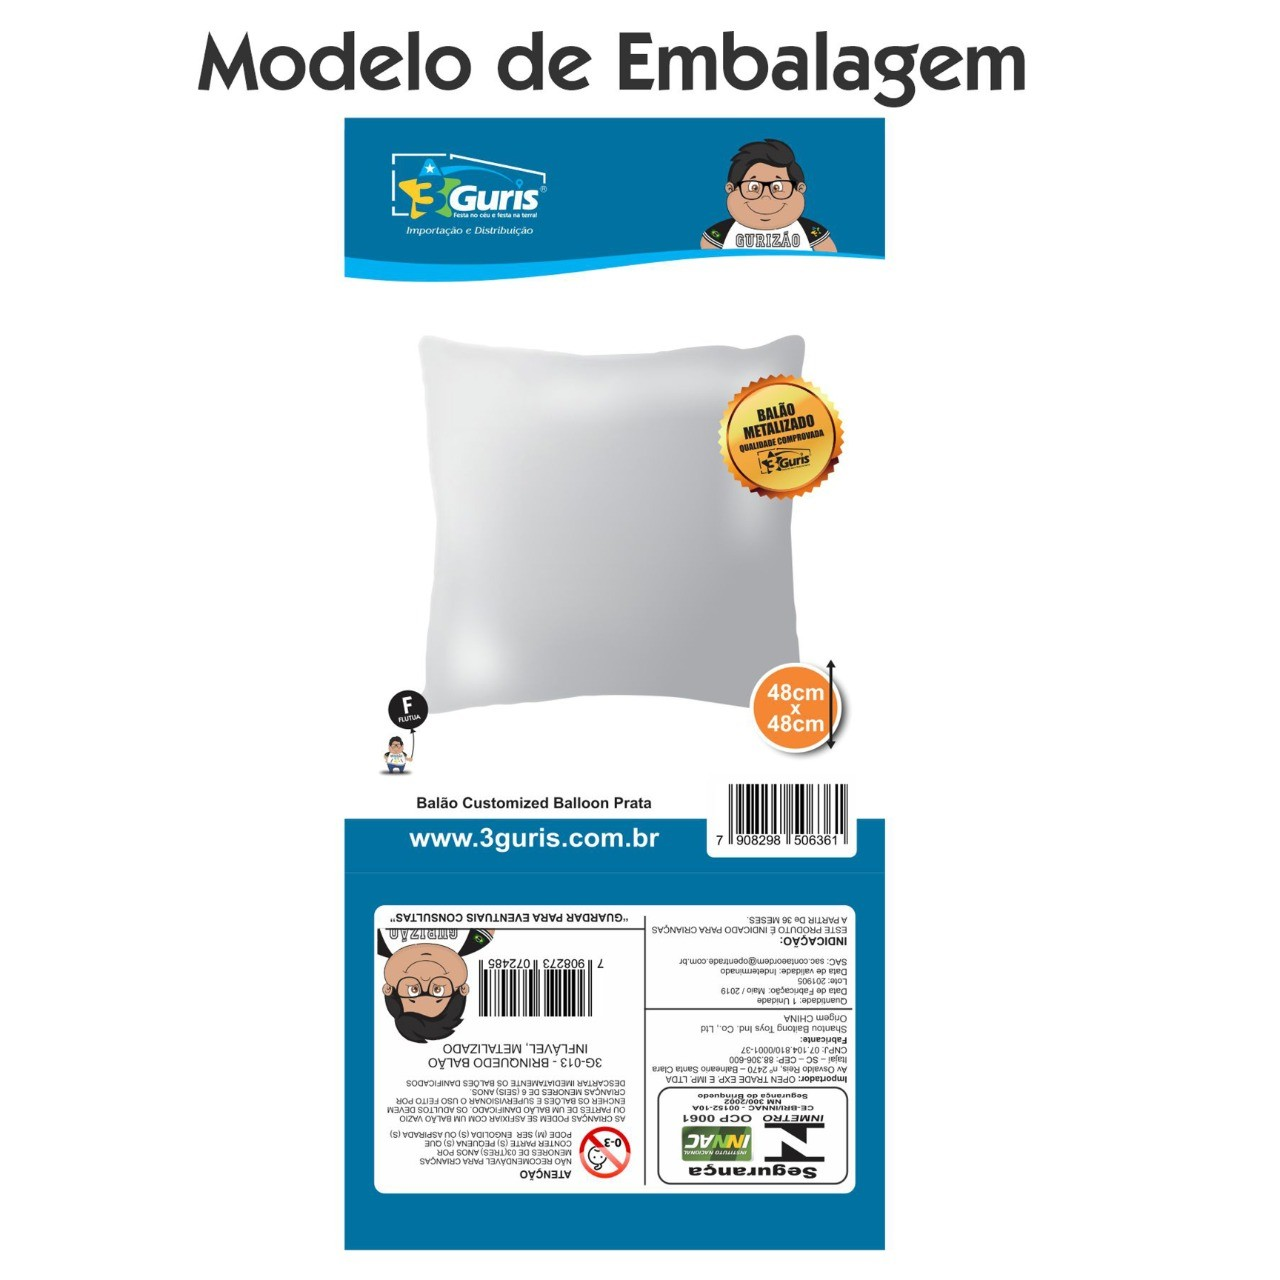 BALÃO CUSTOMIZED BALLOON PRATA - UNIDADE